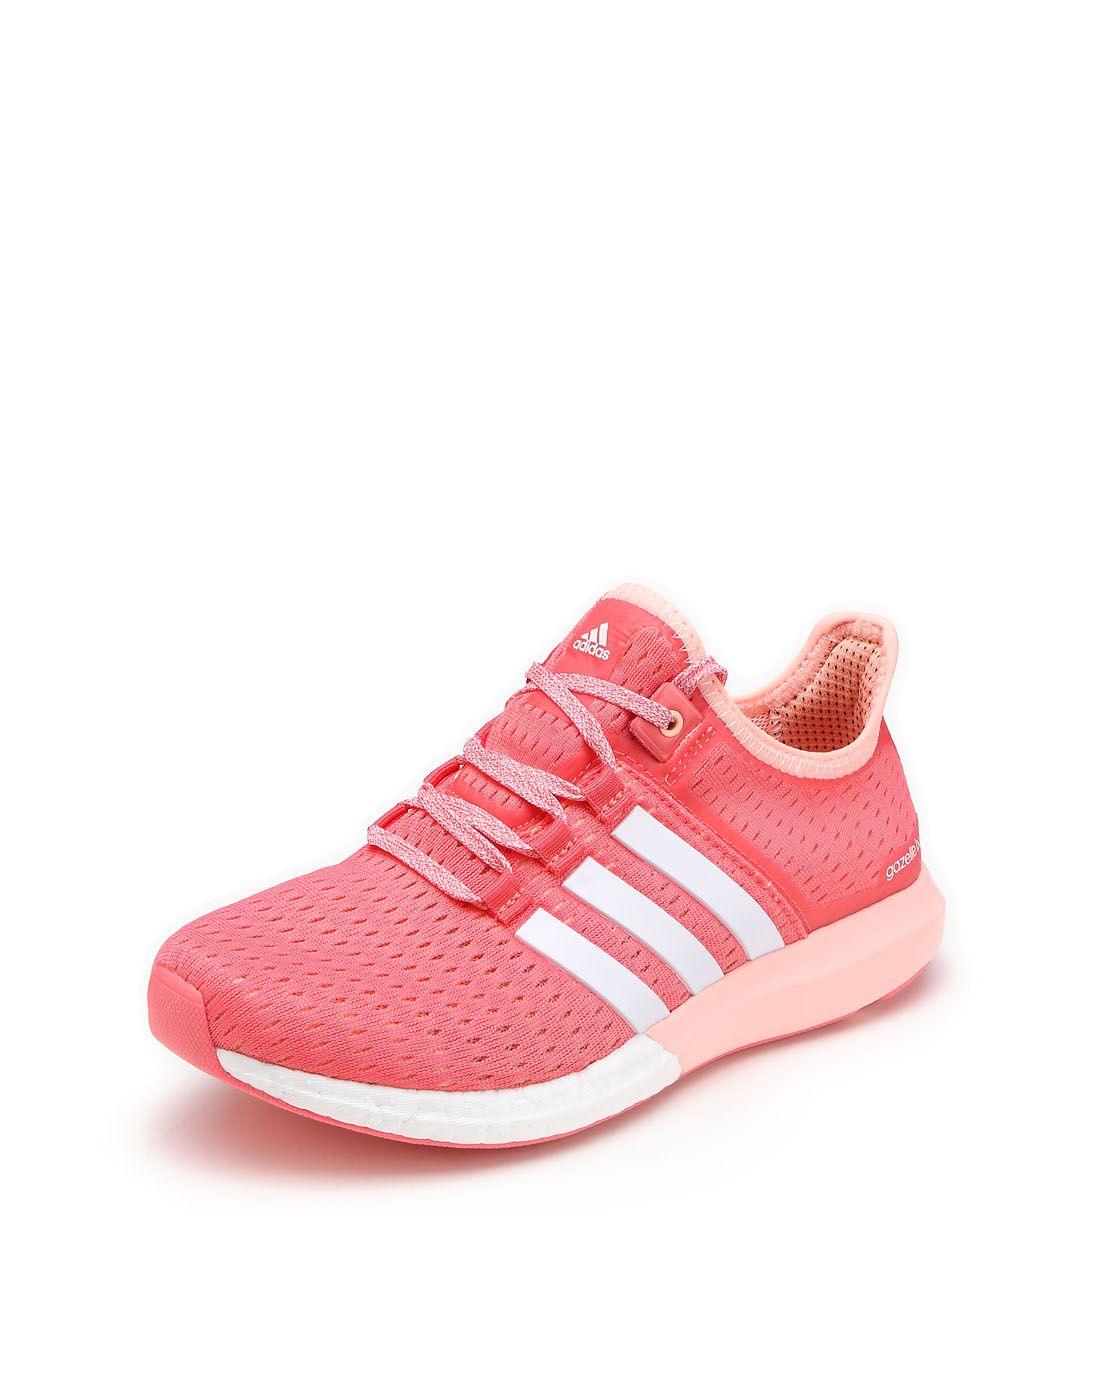 阿迪达斯缓震透气女款粉橙色BOOST跑步鞋跑步系列S77245 唯品会 96fd07eb84